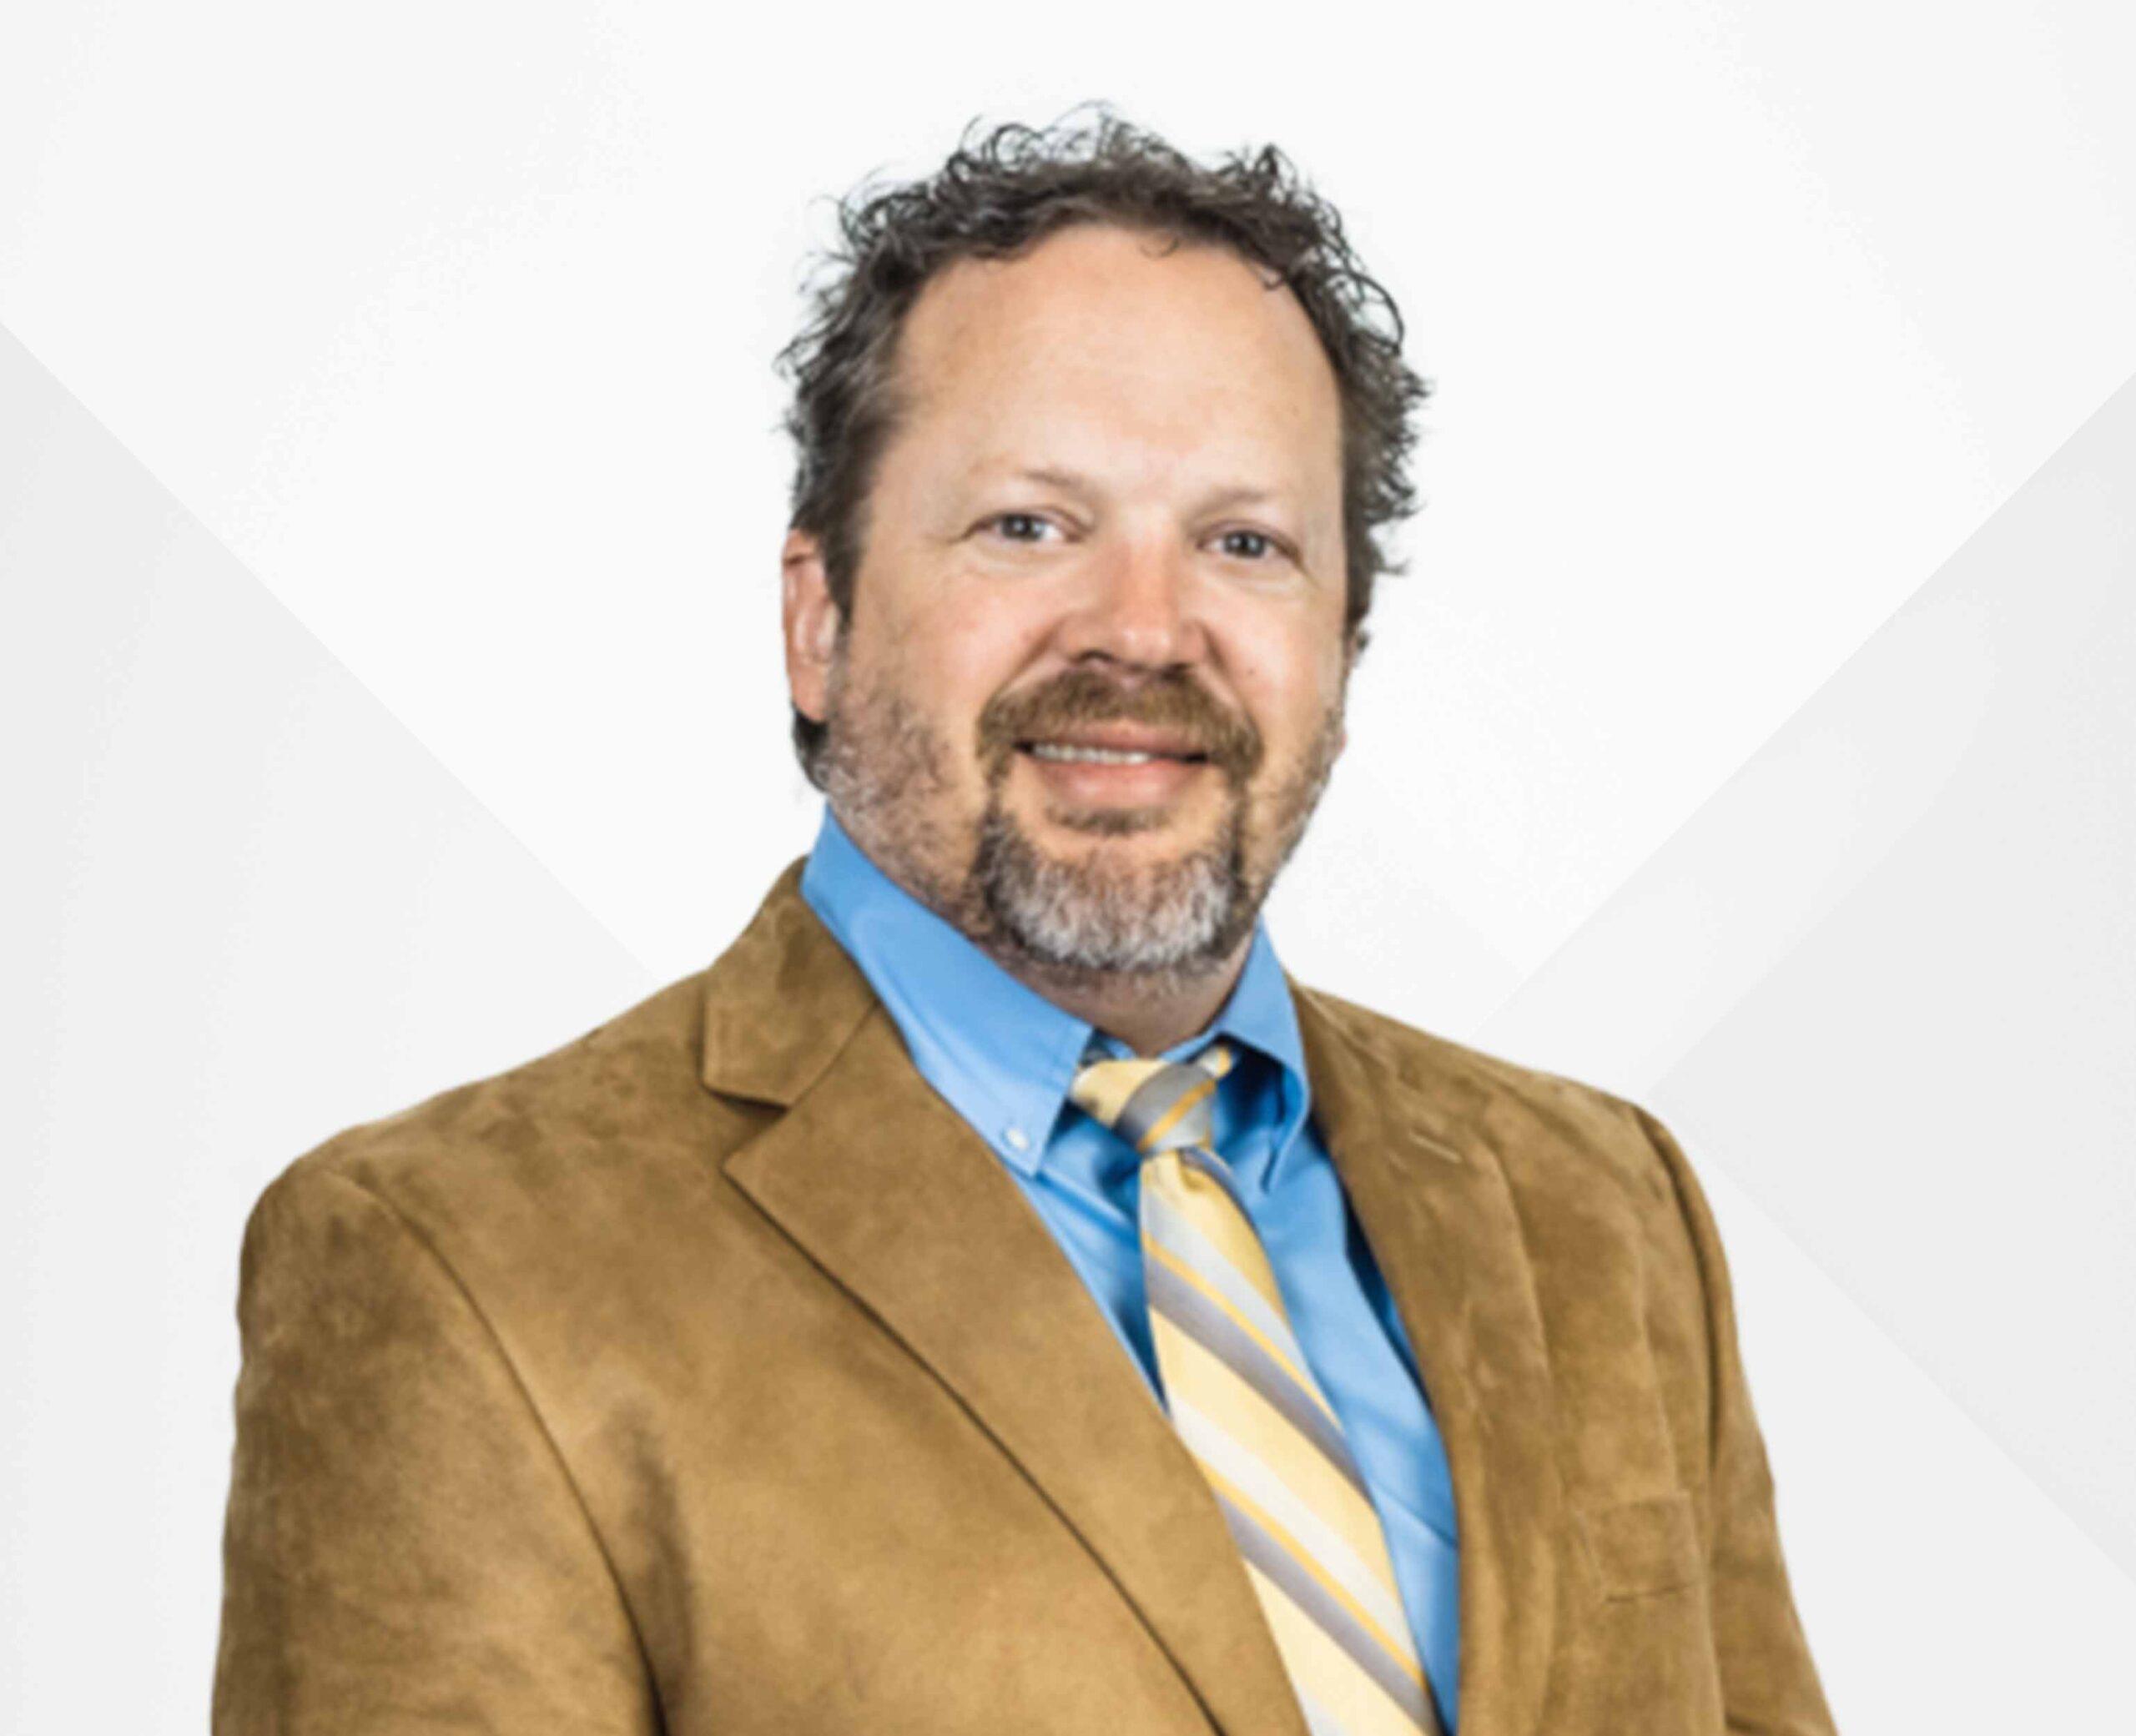 American Constructors Inc. Names Derek Martin New CEO